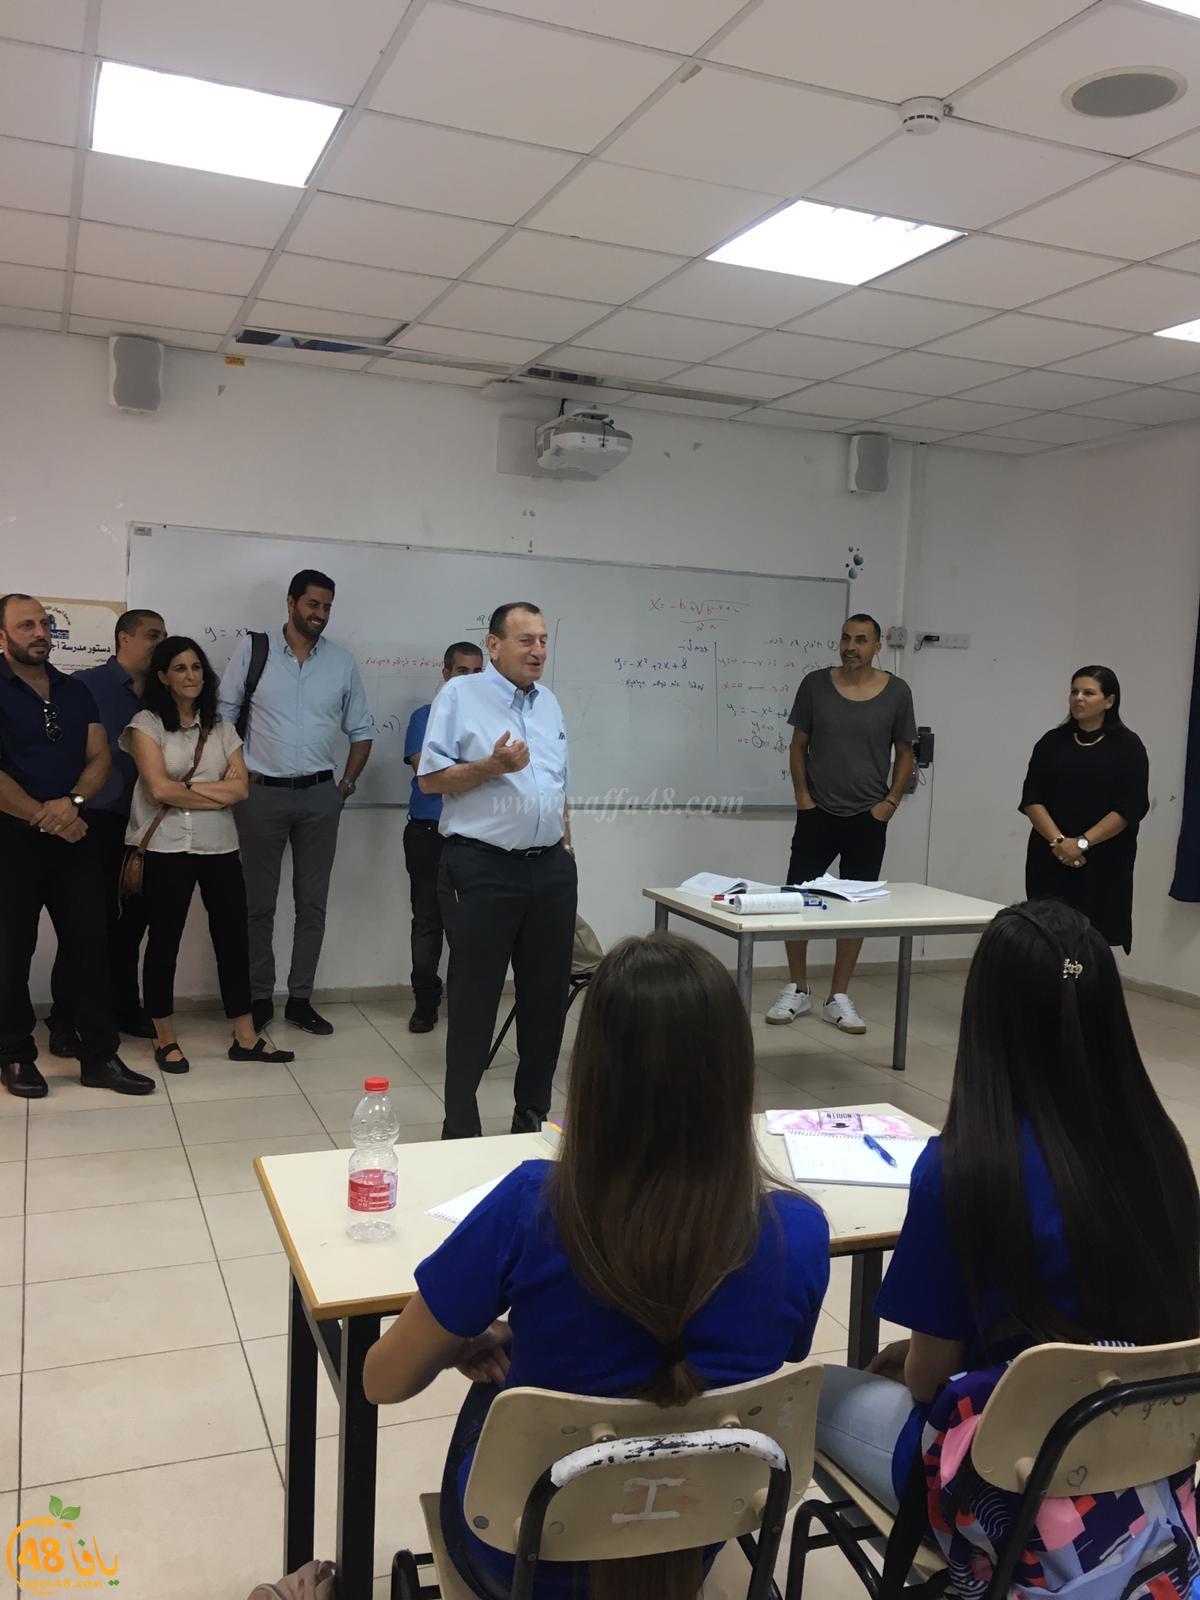 بالصور: وفد من البلدية في زيارة لمدارس مدينة يافا